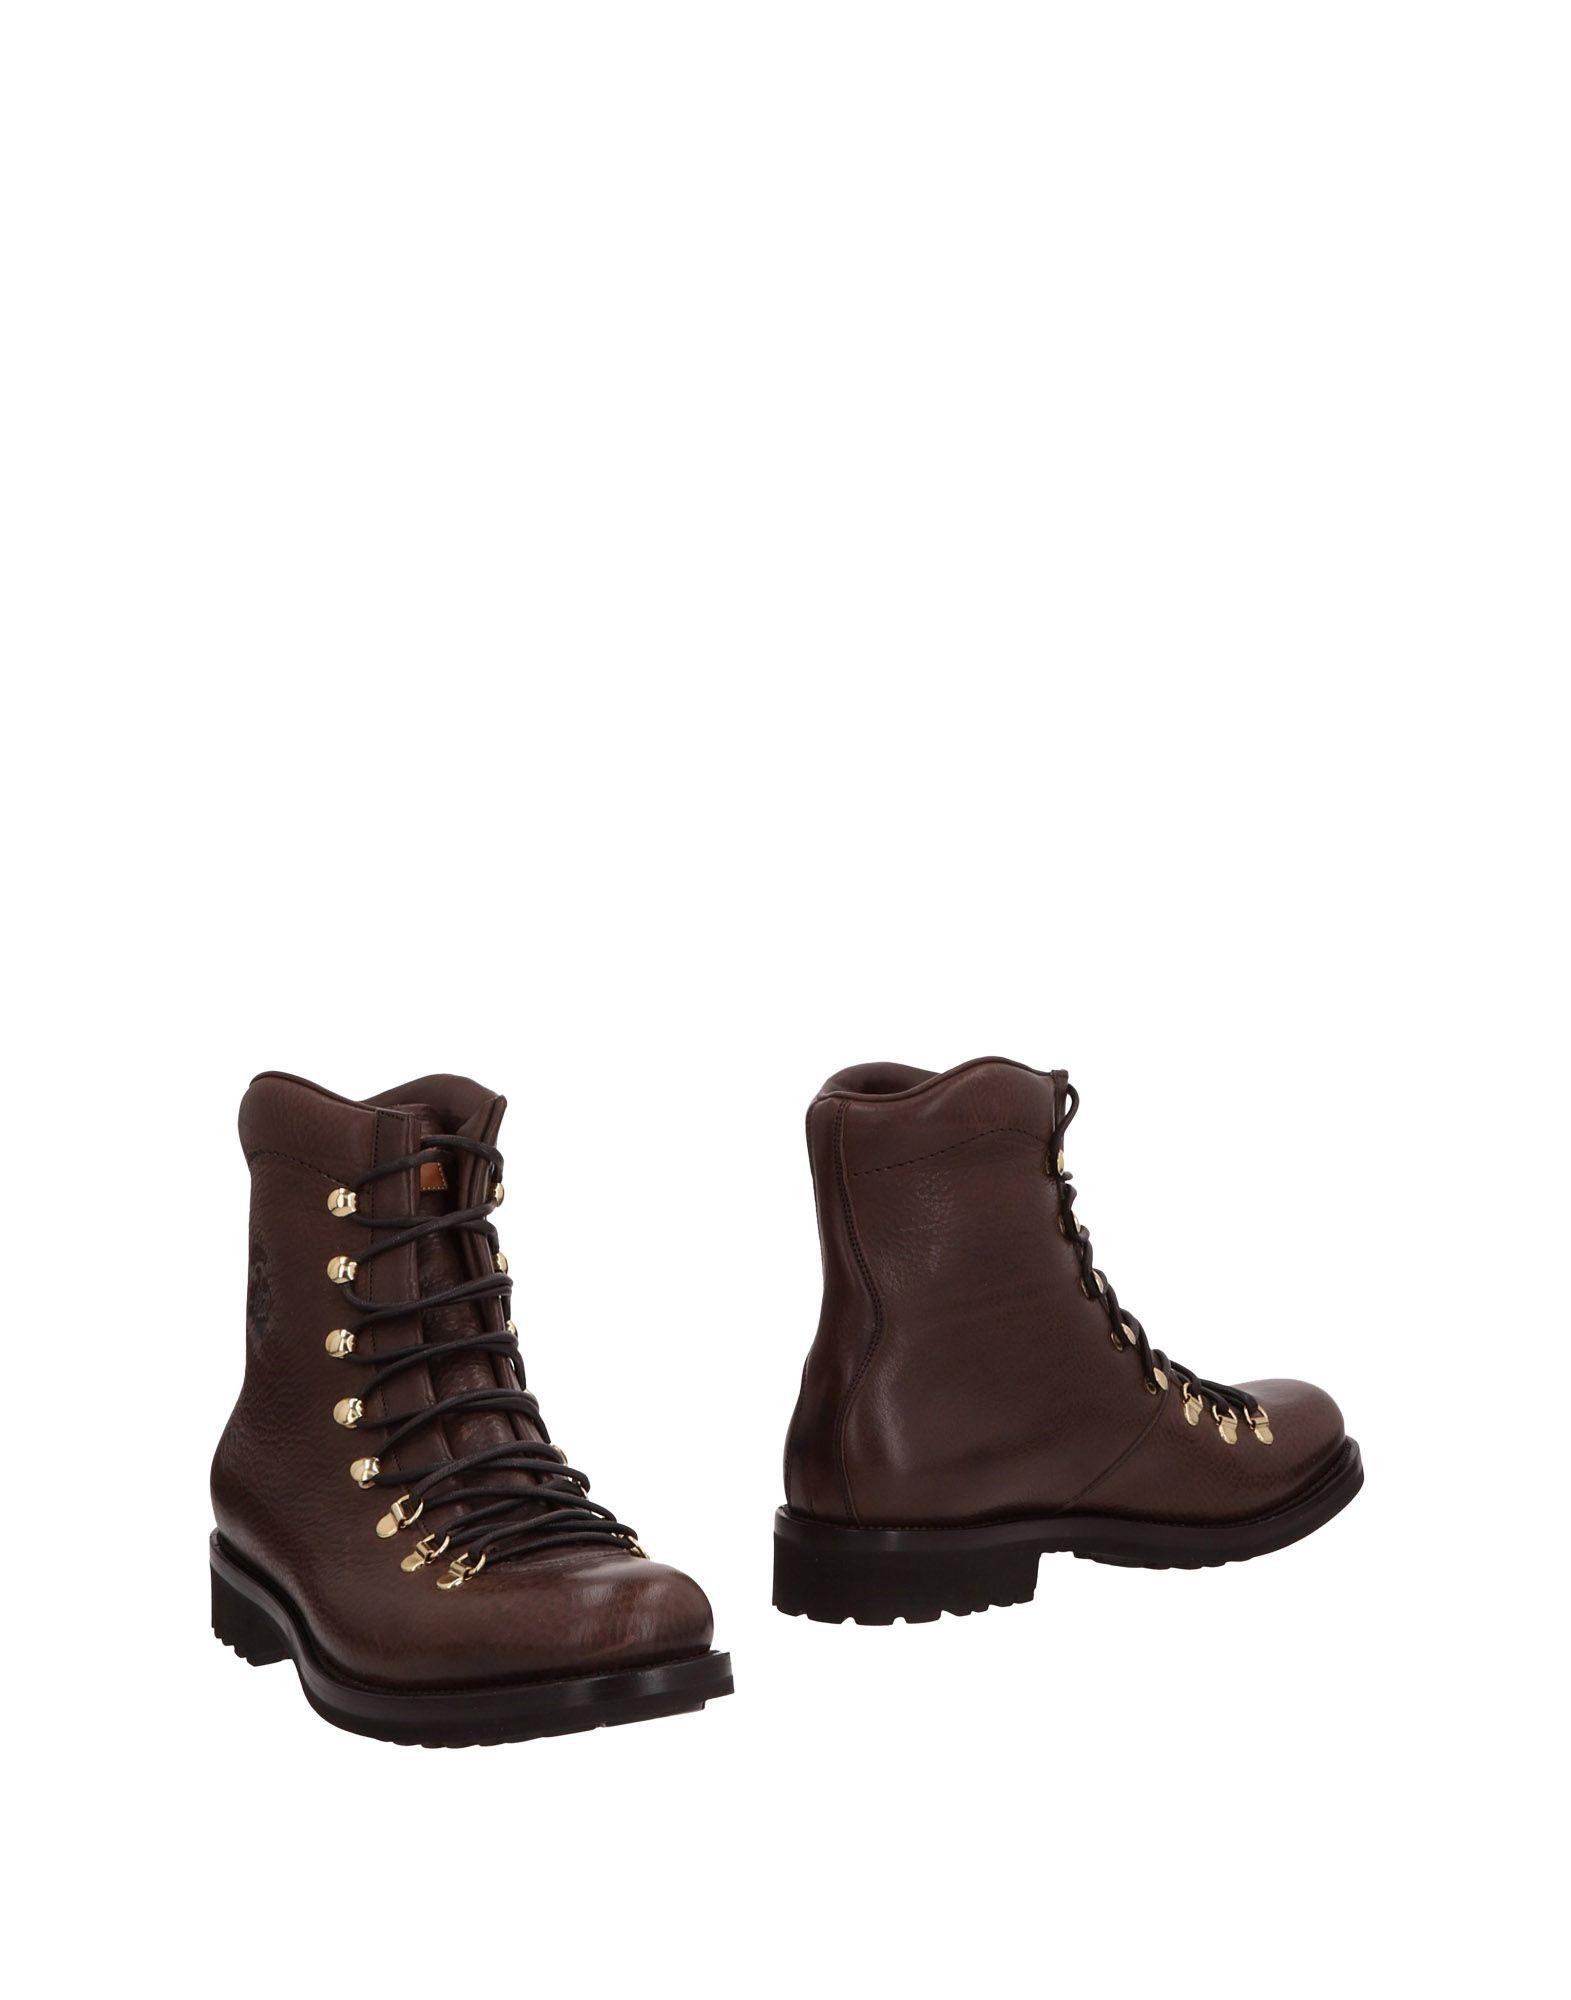 Bally Stiefelette Herren  11475892HM Gute Qualität beliebte Schuhe